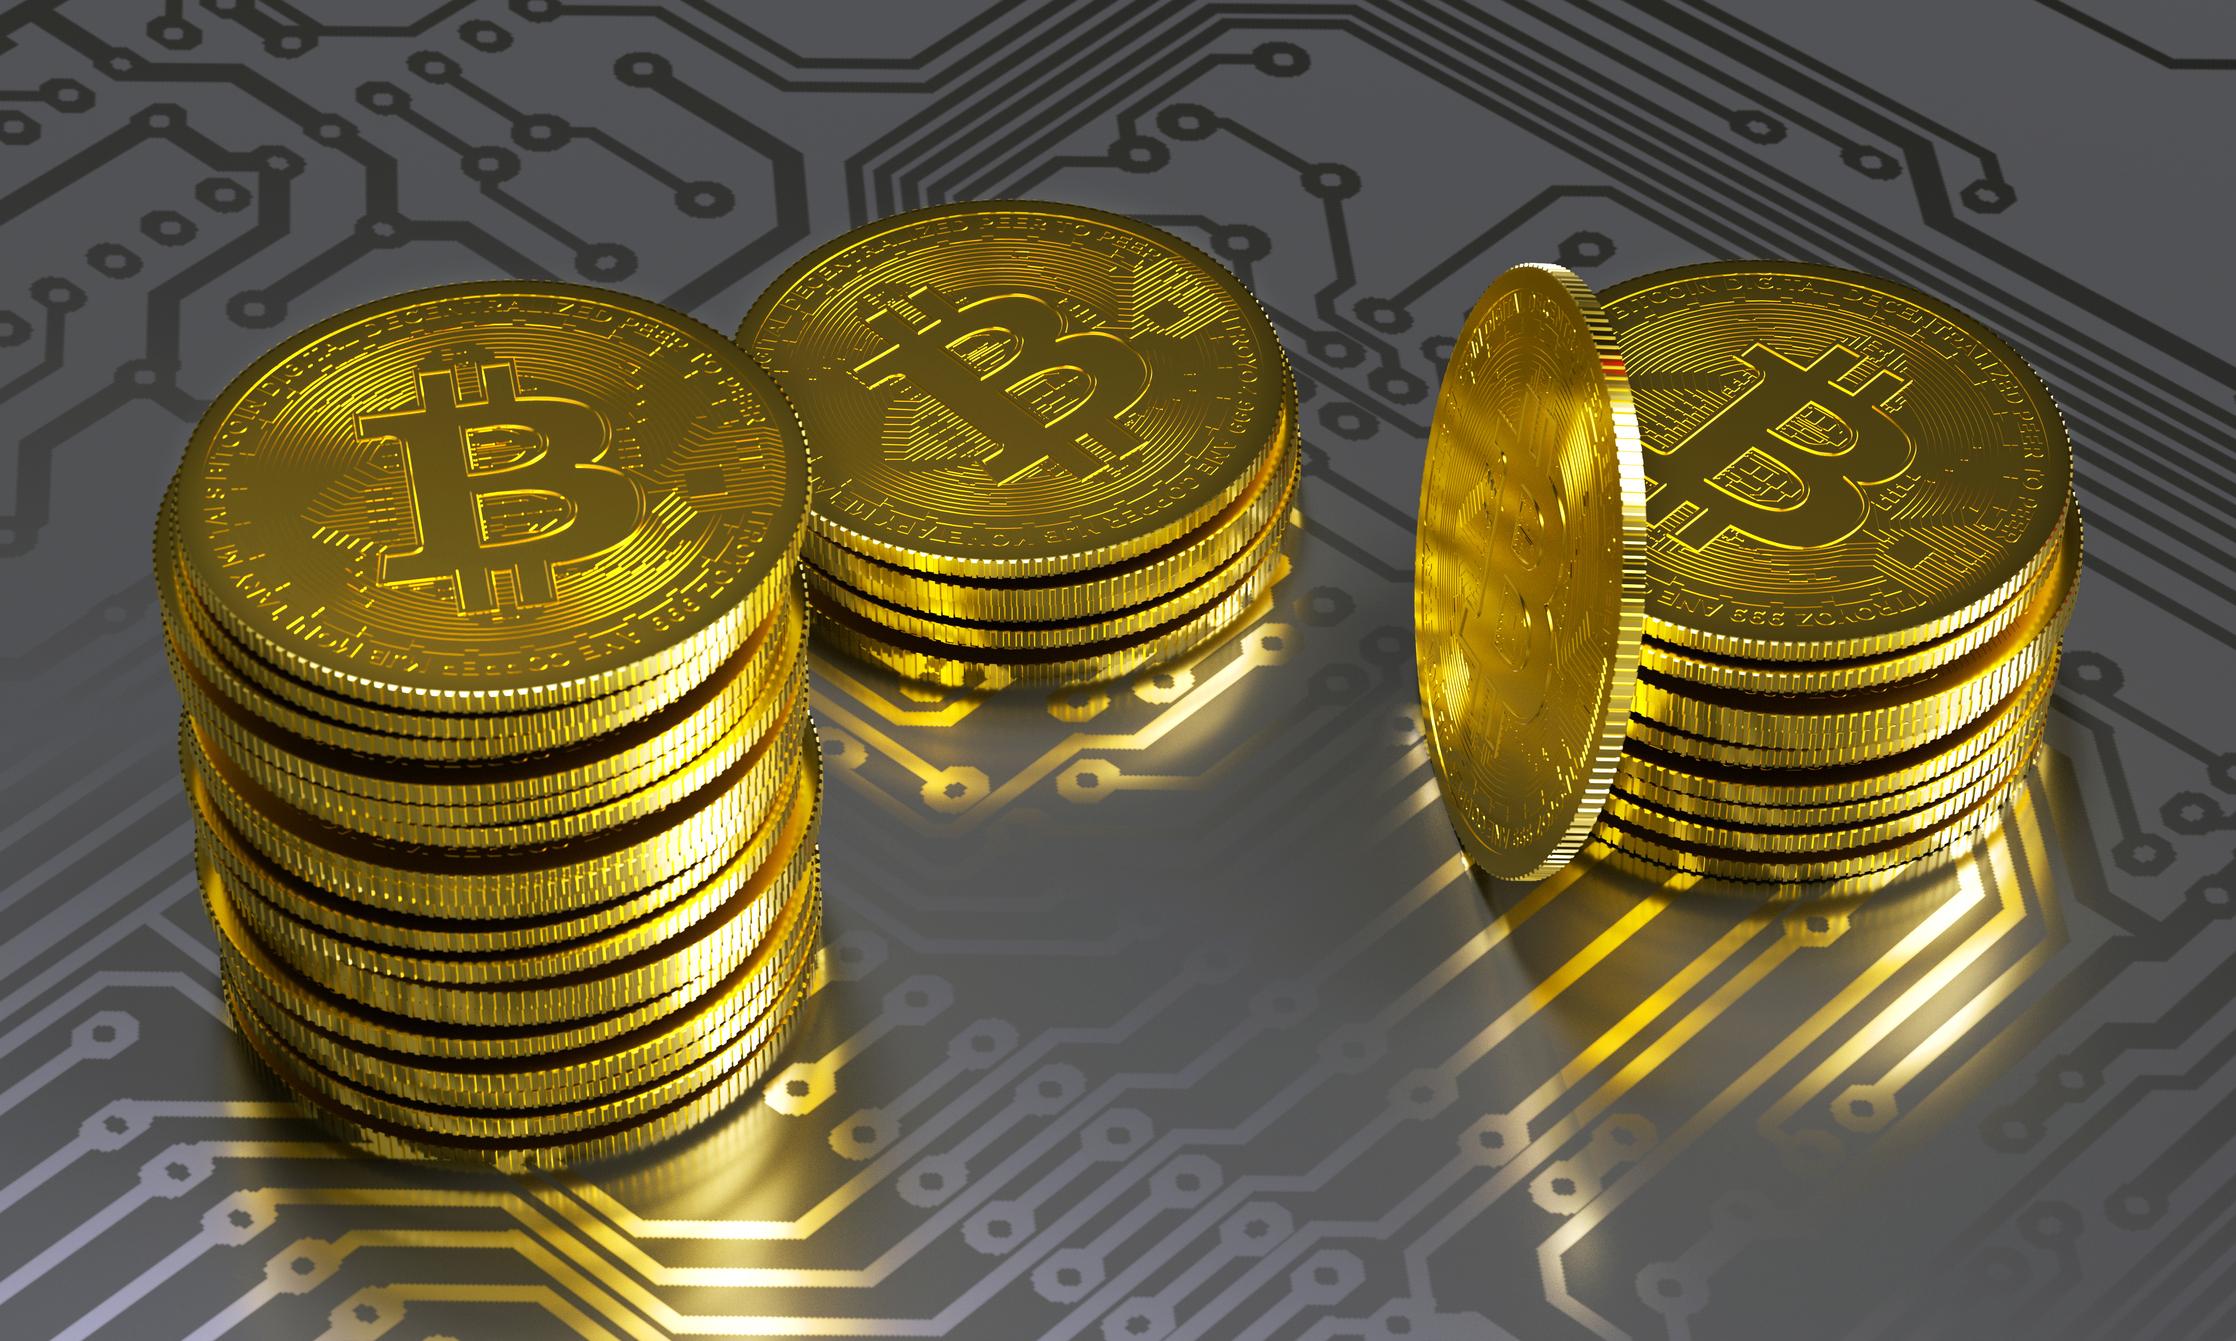 Physical gold bitcoins atop a digital matrix.